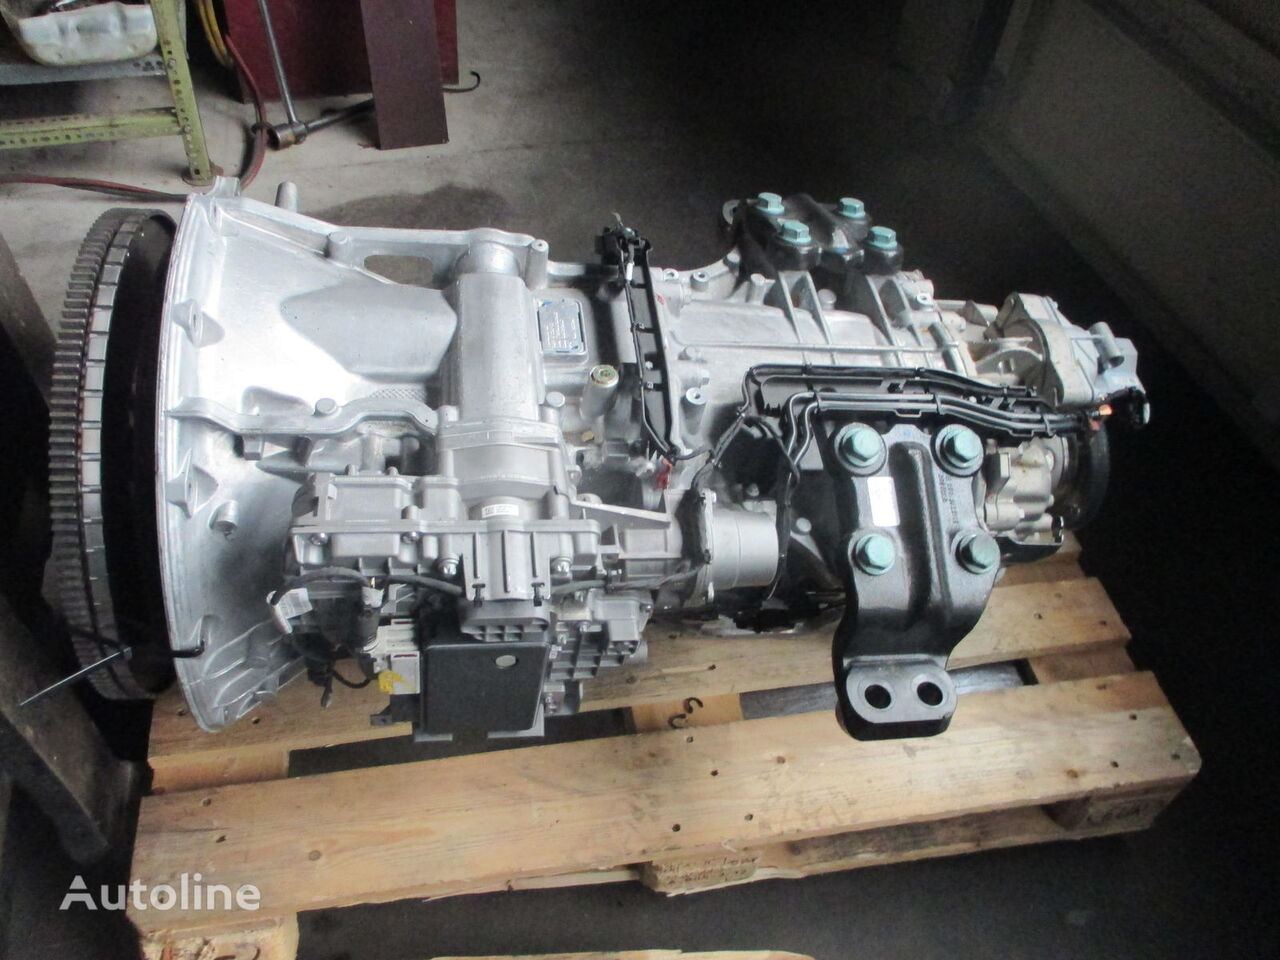 new MERCEDES-BENZ G230-12 mit Kupplung neu!!! Mercedes gearbox for MERCEDES-BENZ Arocs Actros Antos truck